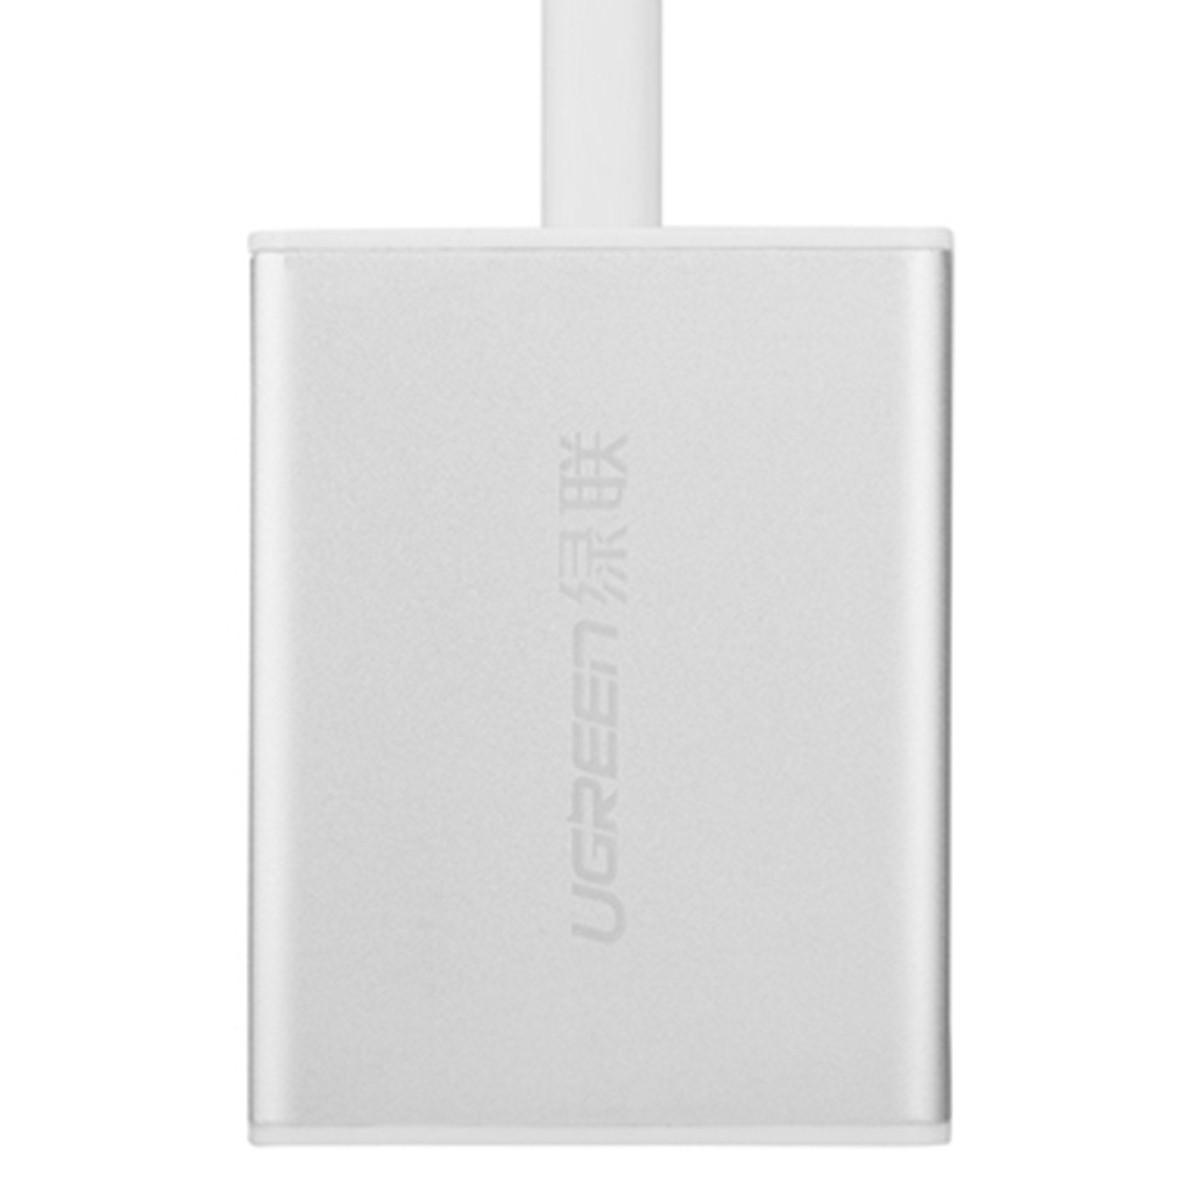 Cổng chuyển DISPLAY PORT to VGA + Audio  Ugreen 20412 - 20 cm Hàng Chính Hãng